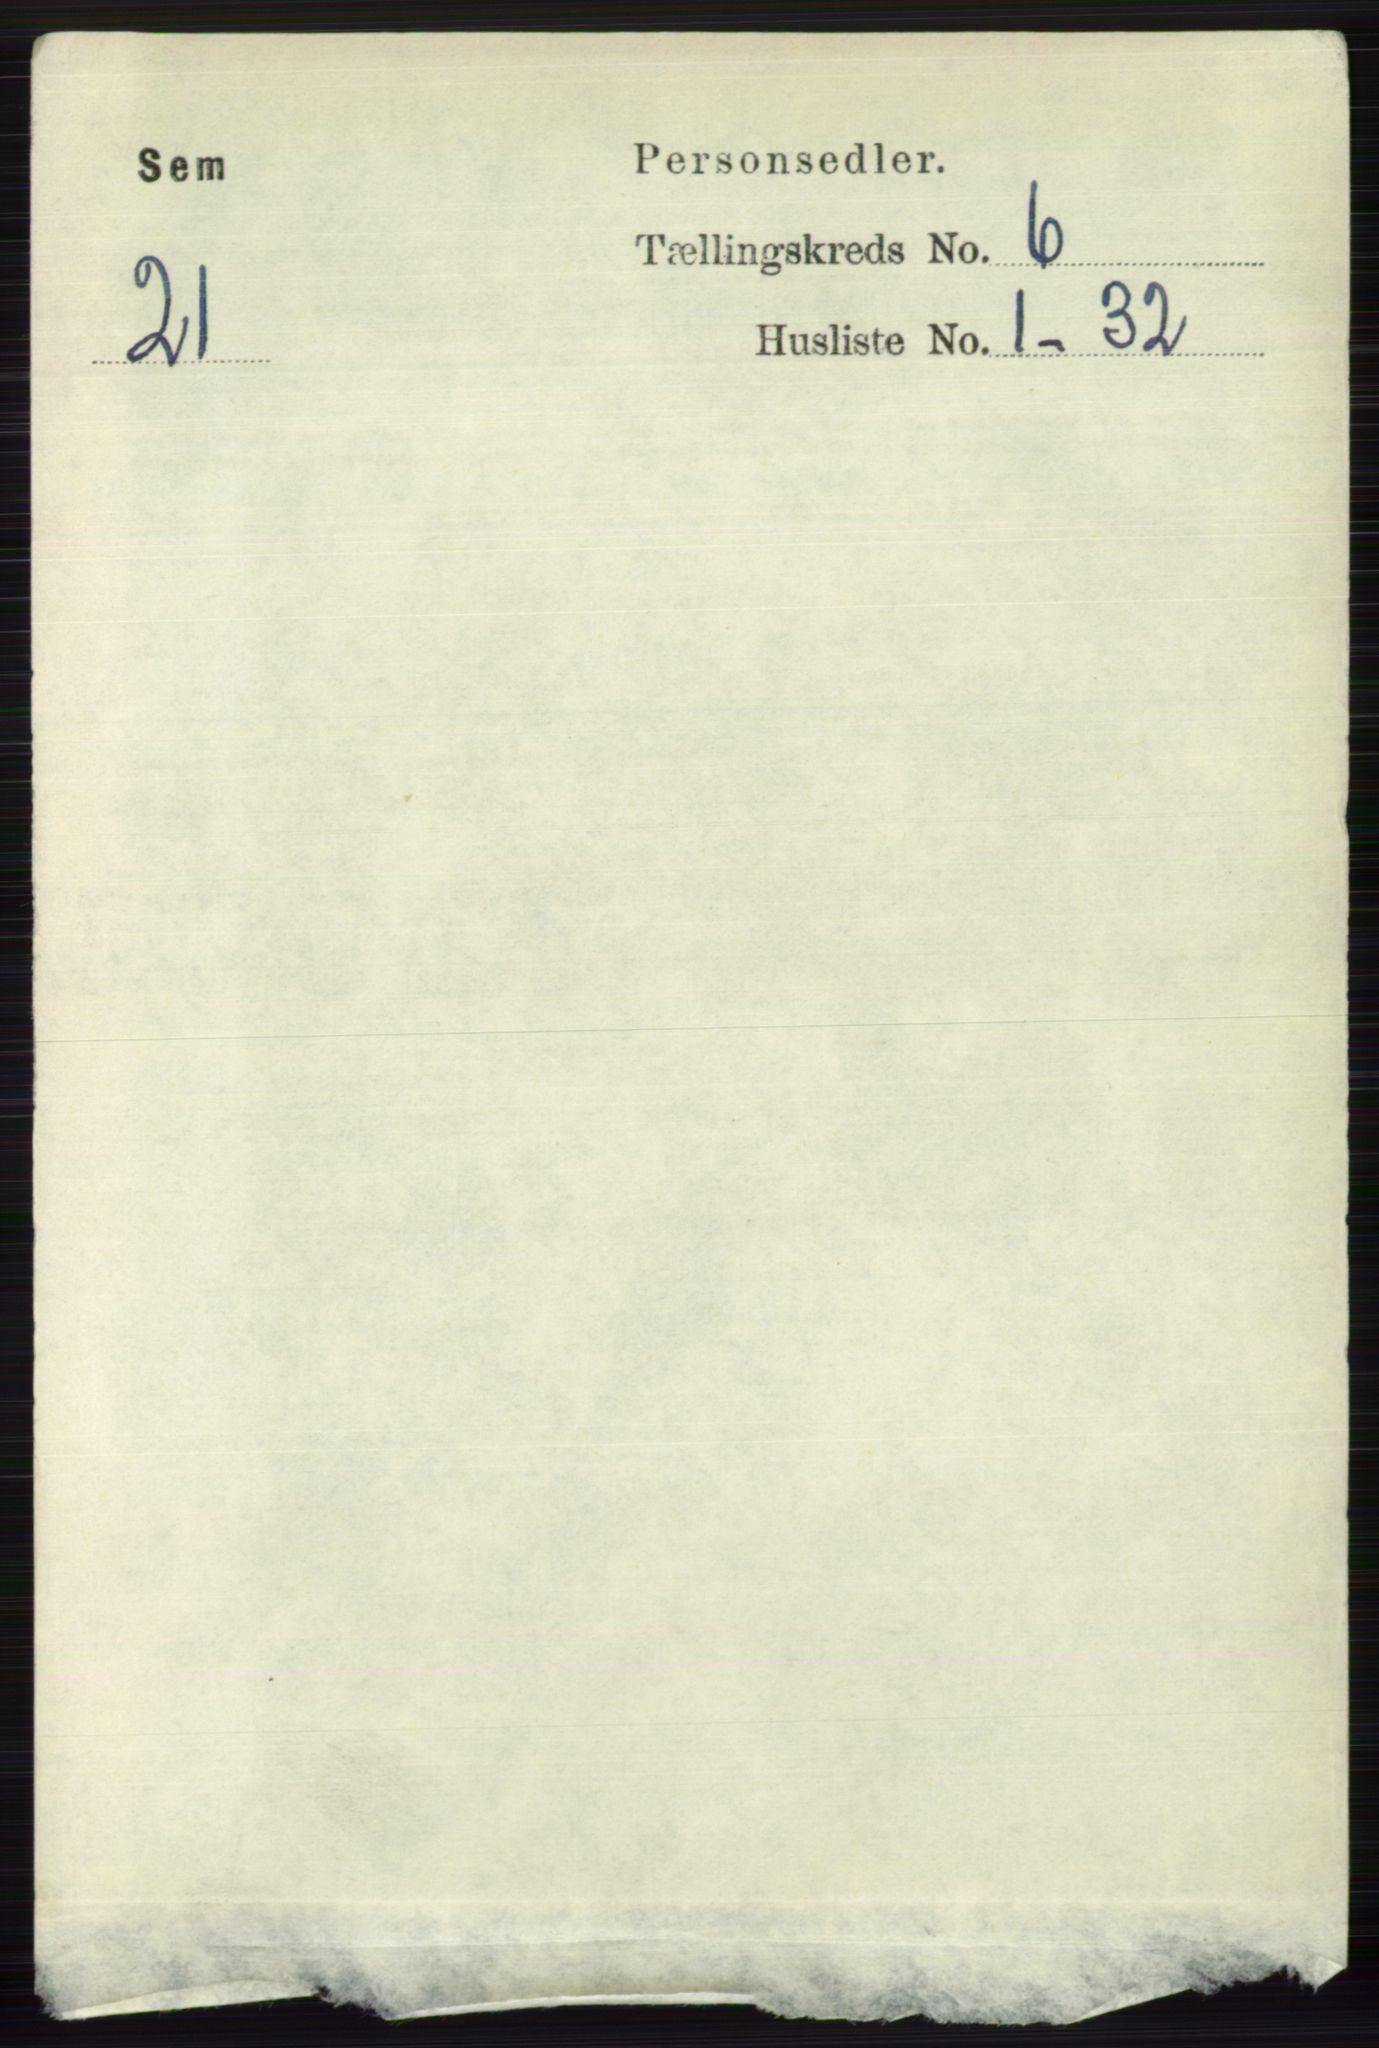 RA, Folketelling 1891 for 0721 Sem herred, 1891, s. 2627